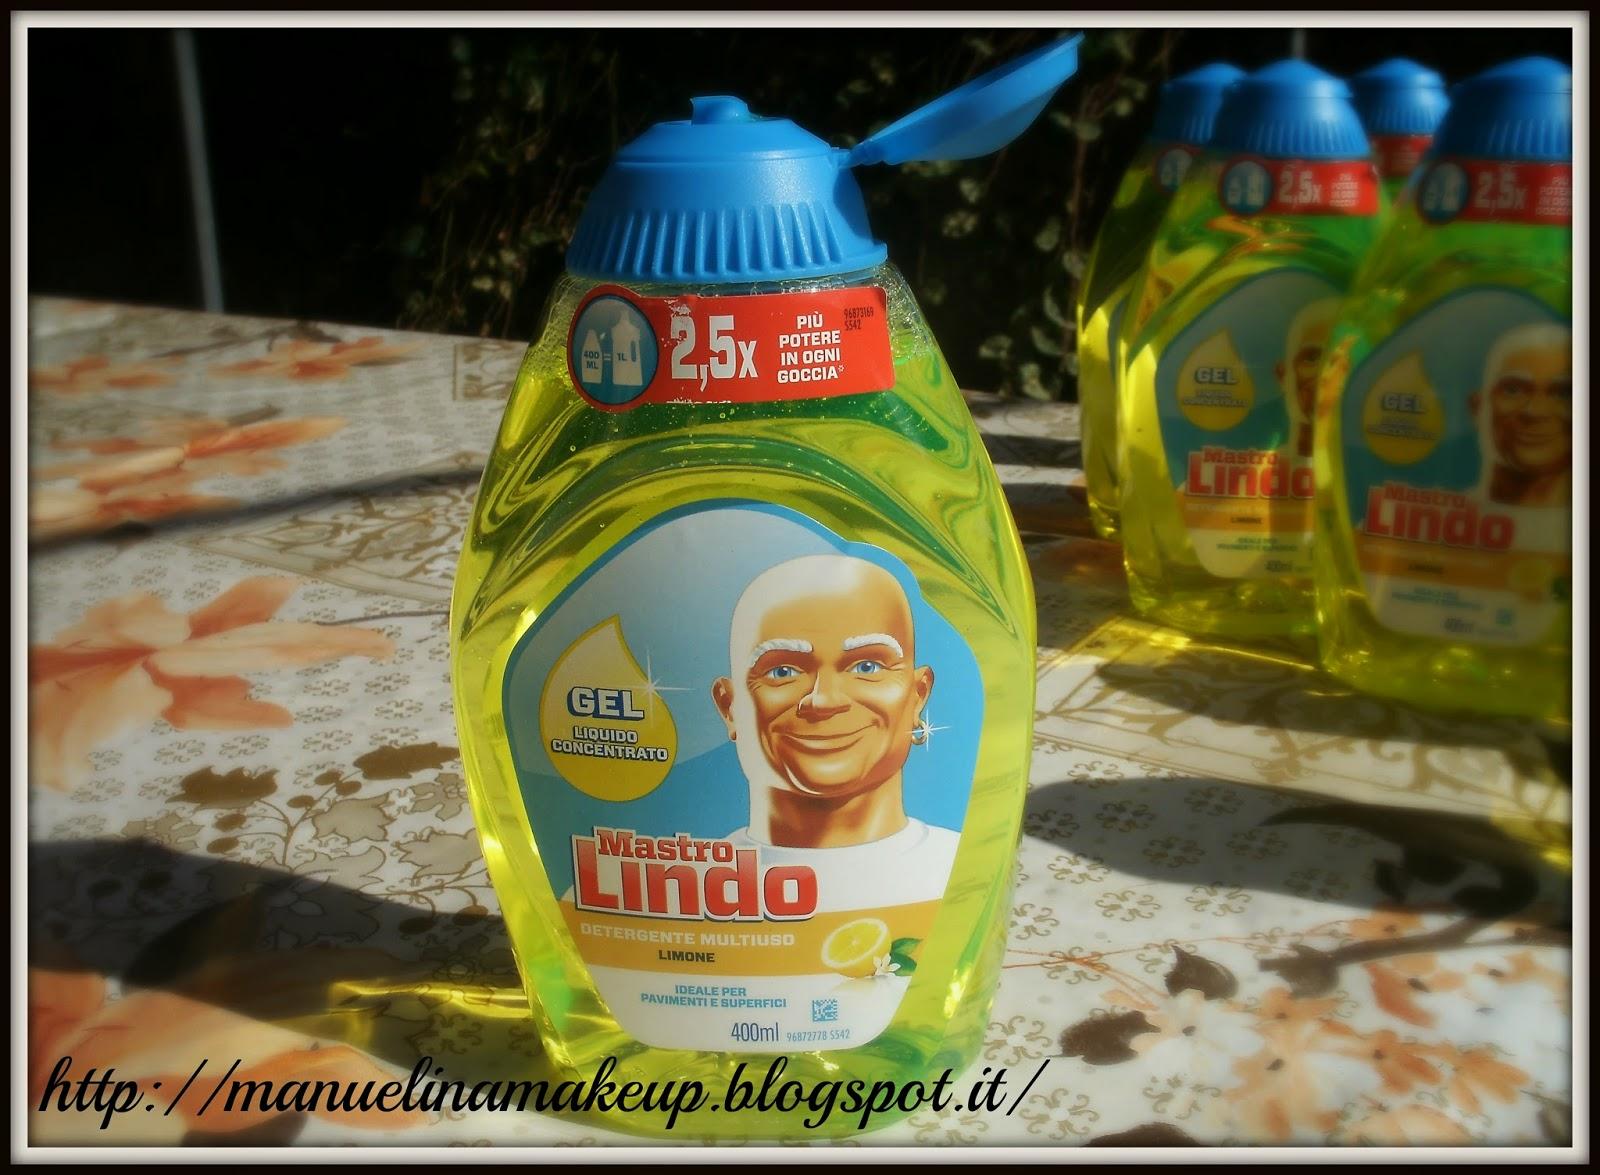 Il blog di manu mastro lindo gel il nuovo detergente - Mastro lindo bagno ...